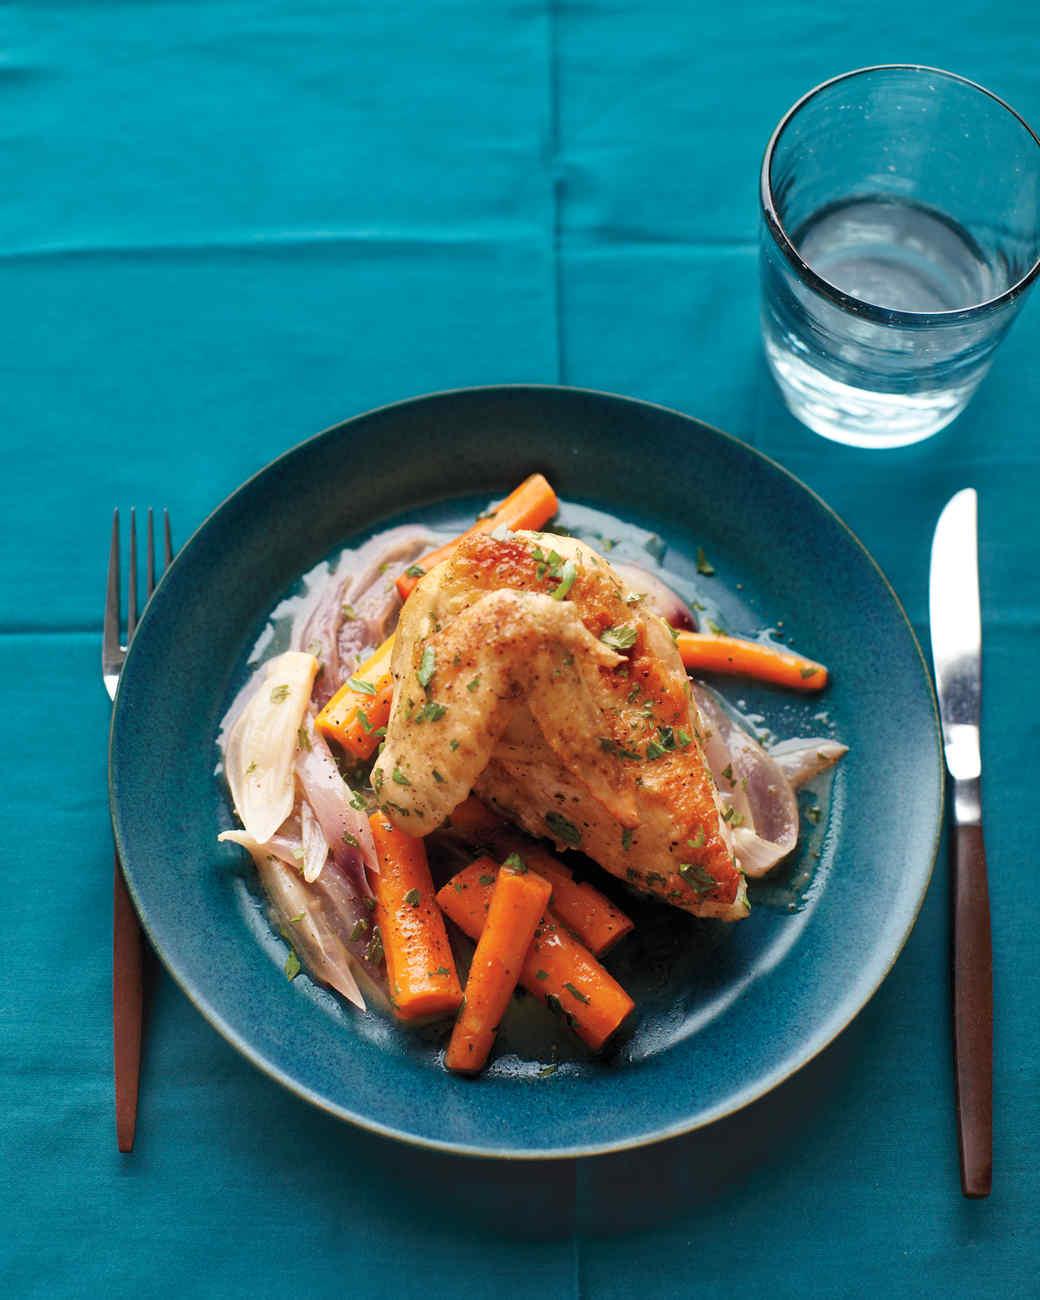 braised-chicken-carrots-onion-med108019.jpg